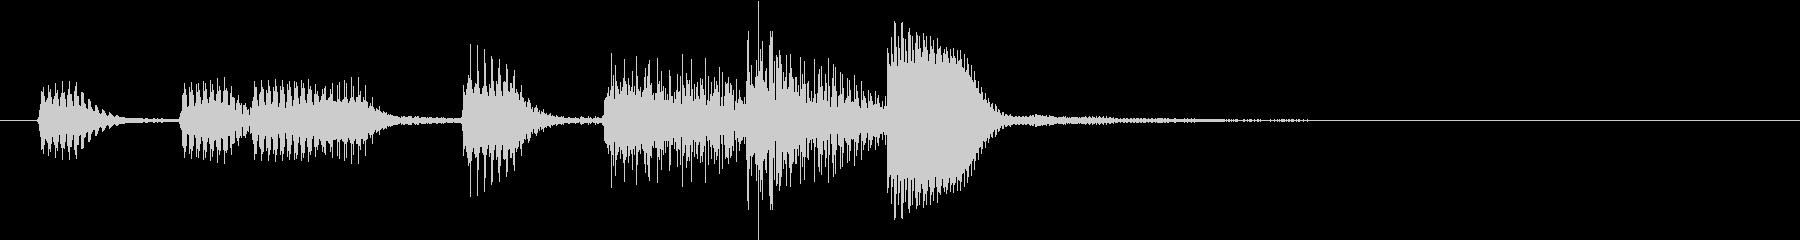 【ゲーム】レベルアップ♪ ver.2の未再生の波形